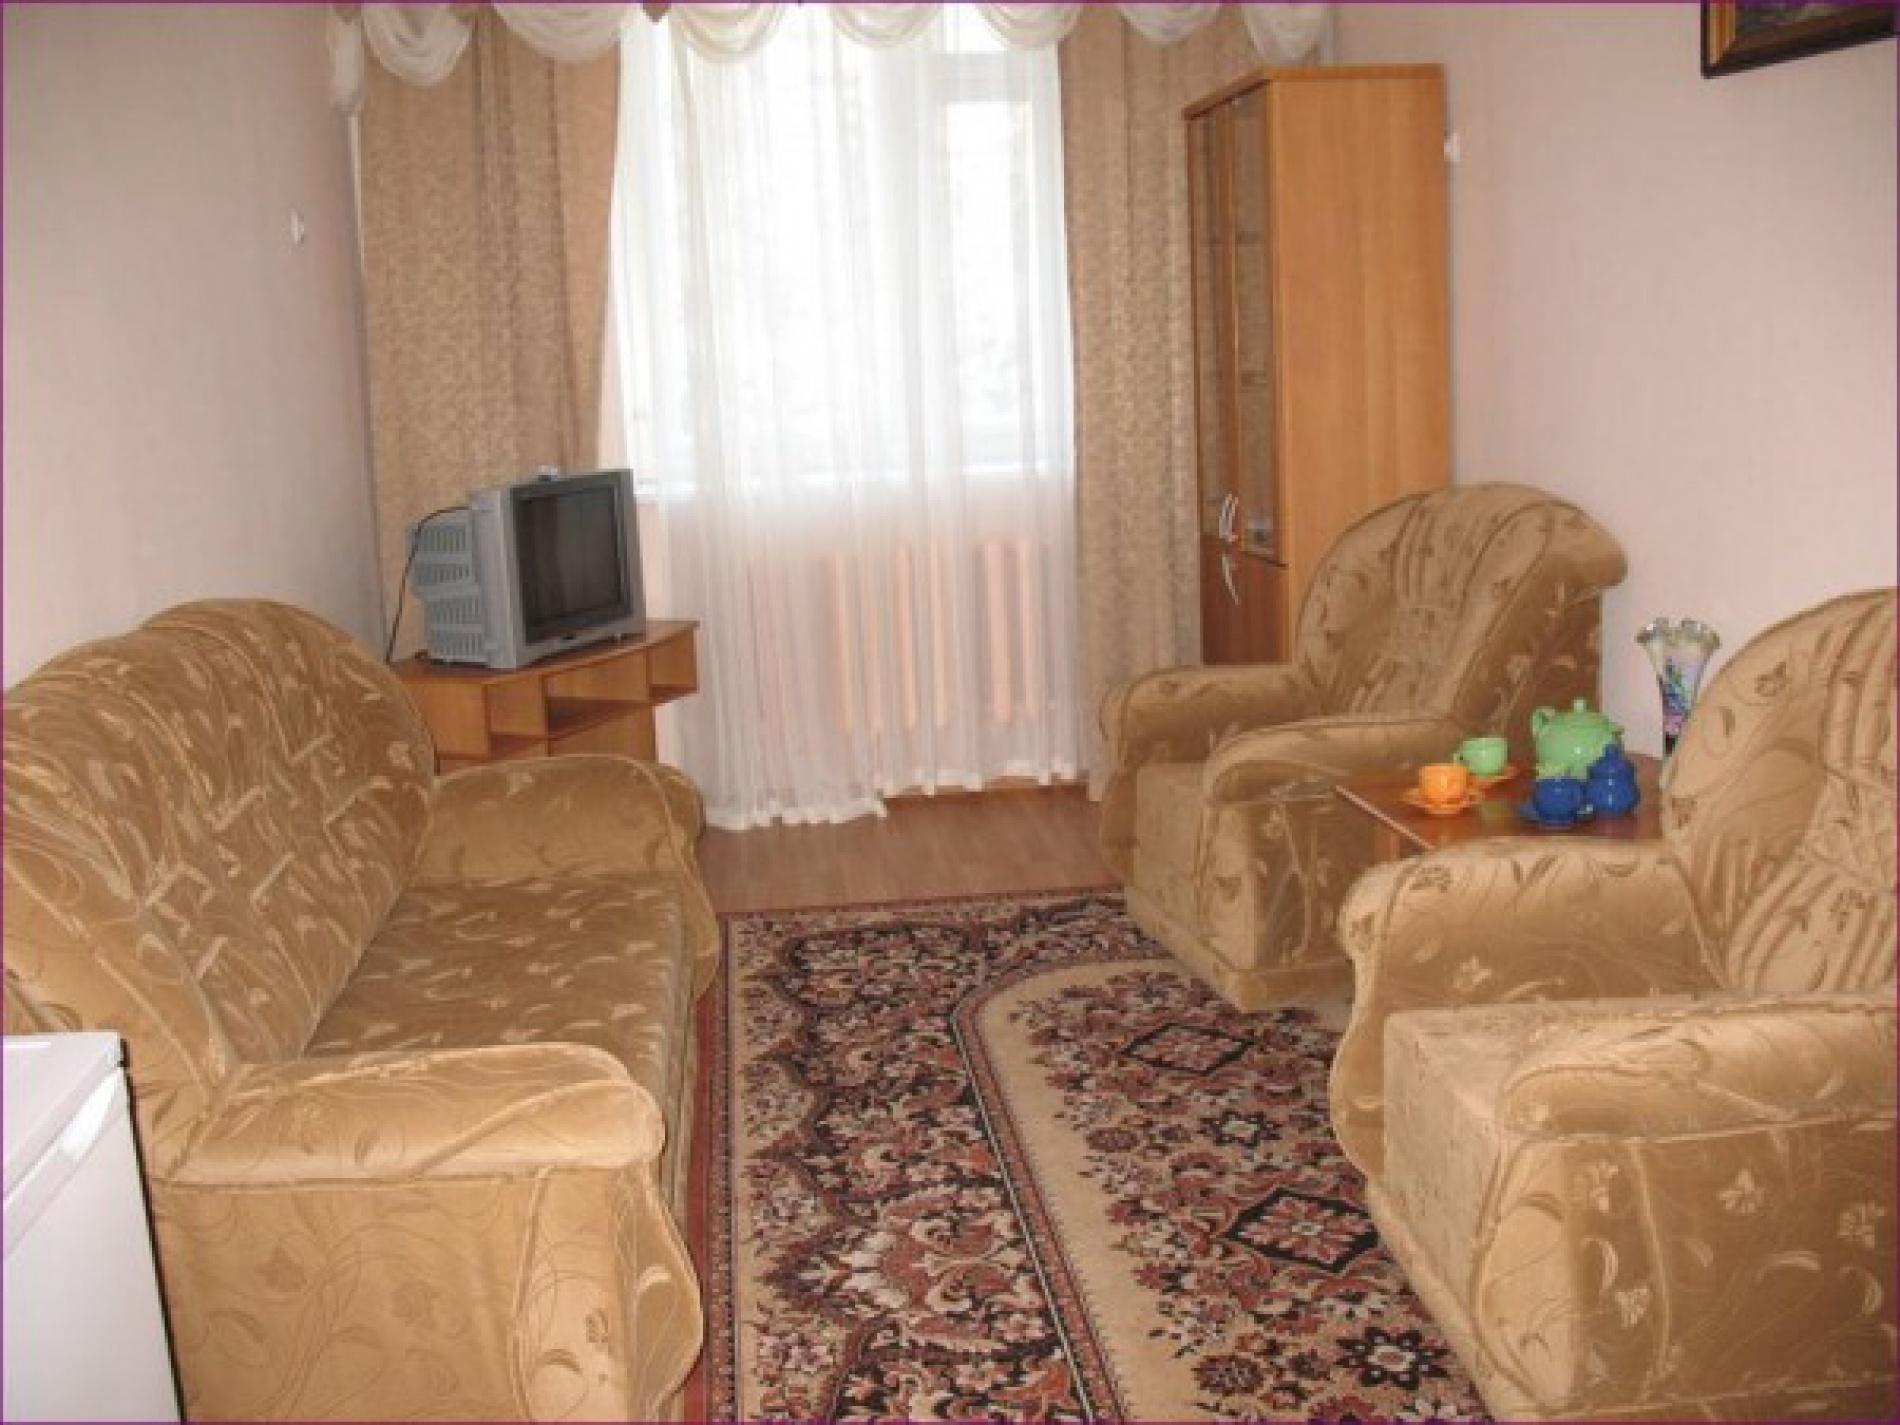 """База отдыха """"Парма"""" Республика Коми 2-х местный 2-х комнатный номер, фото 2"""